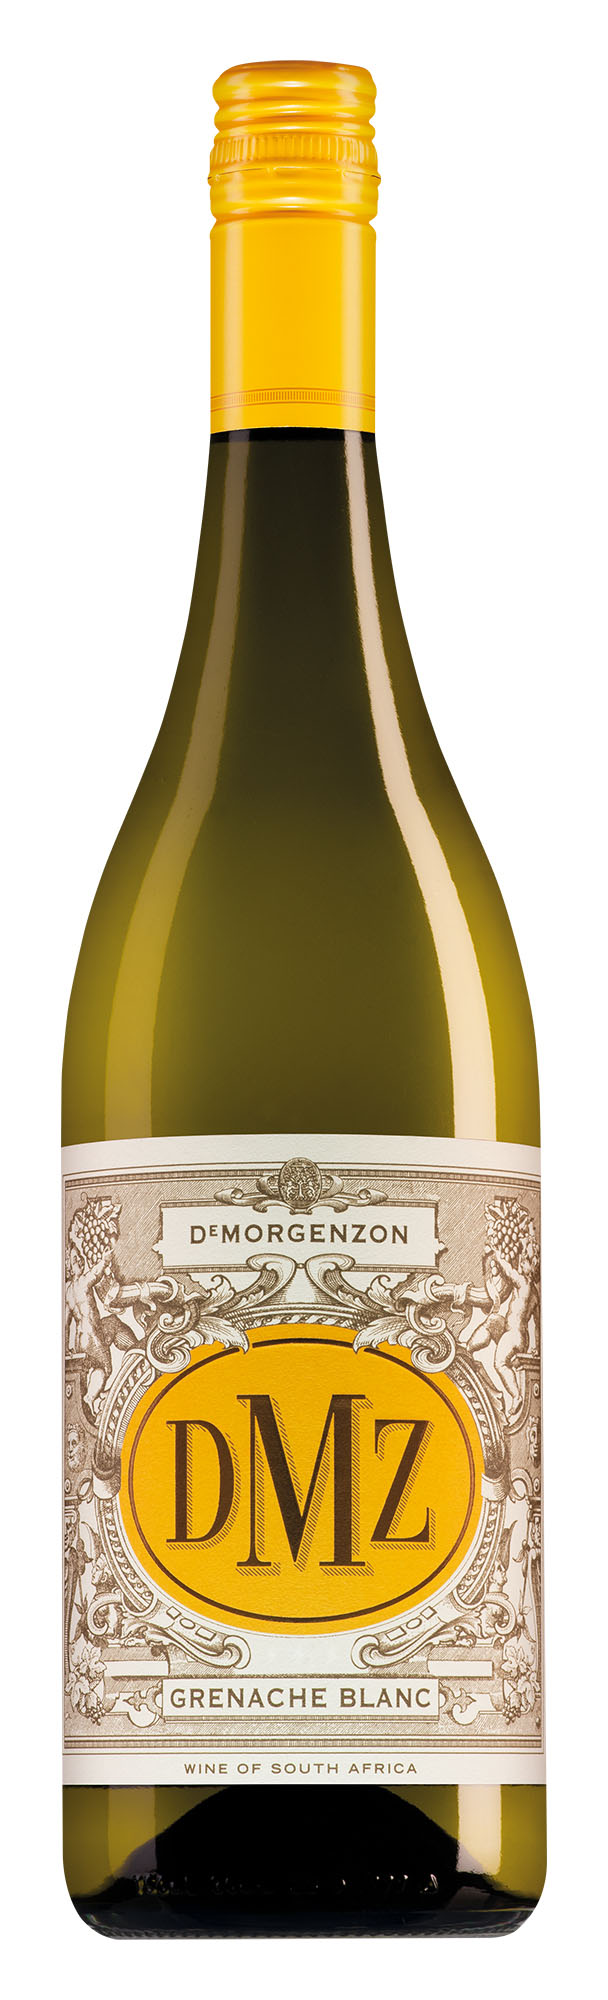 DeMorgenzon DMZ Stellenbosch Limited Release Grenache Blanc